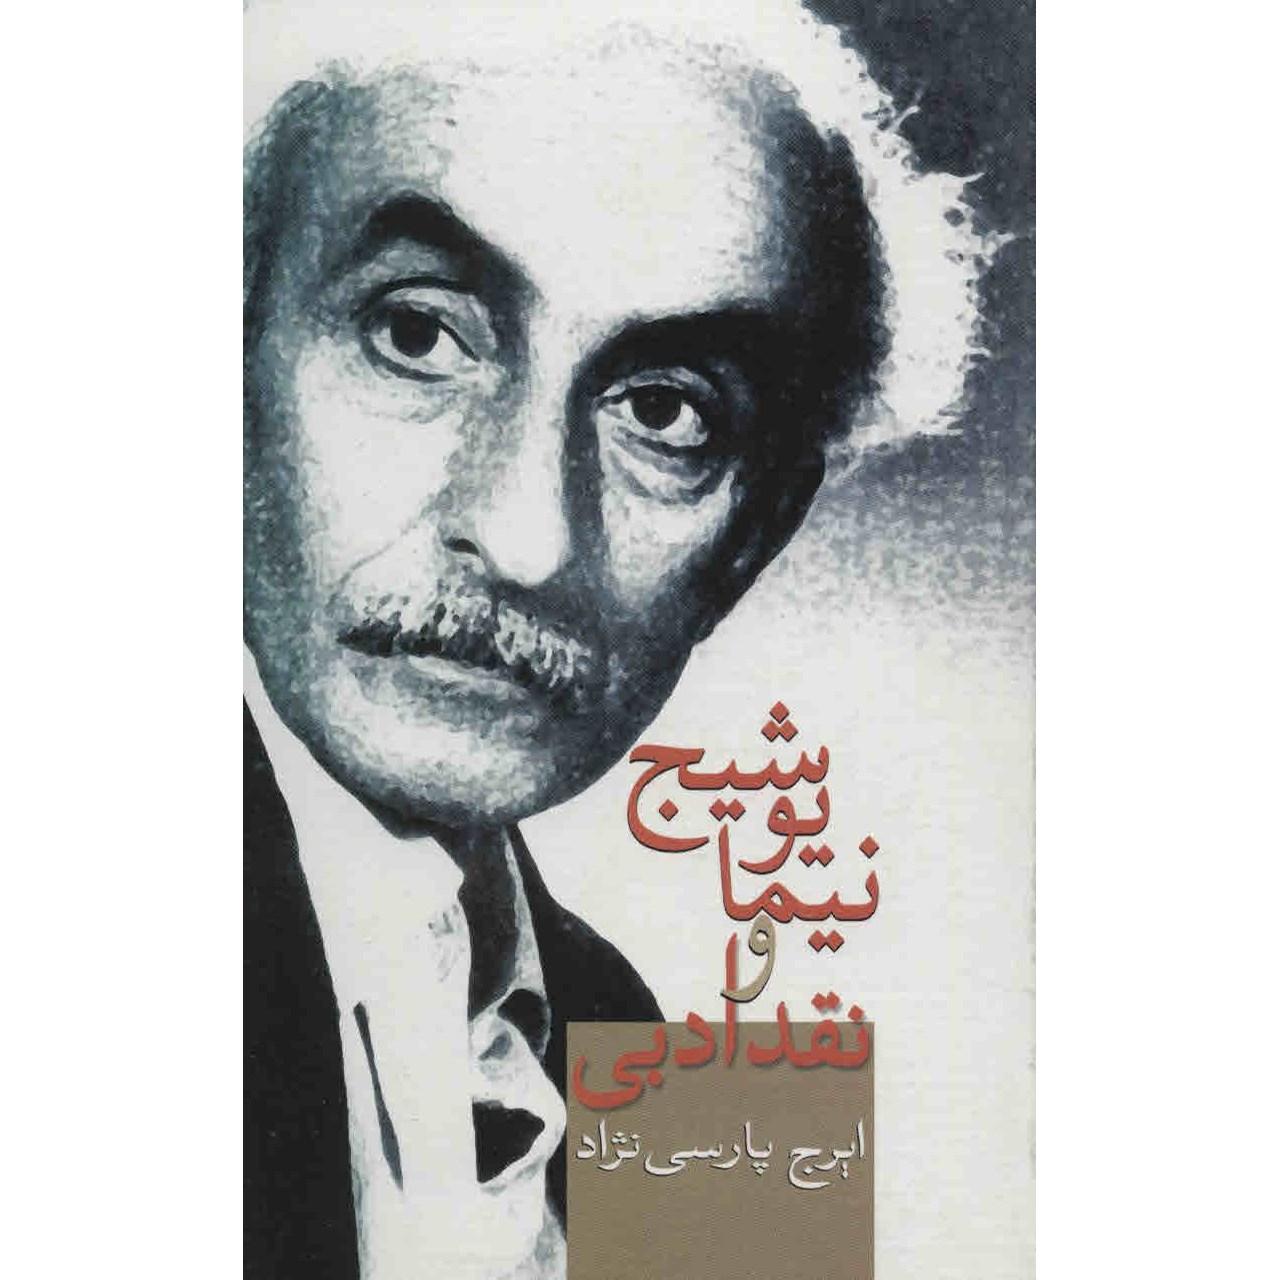 خرید                      کتاب نیما یوشیج و نقد ادبی اثر ایرج پارسی نژاد